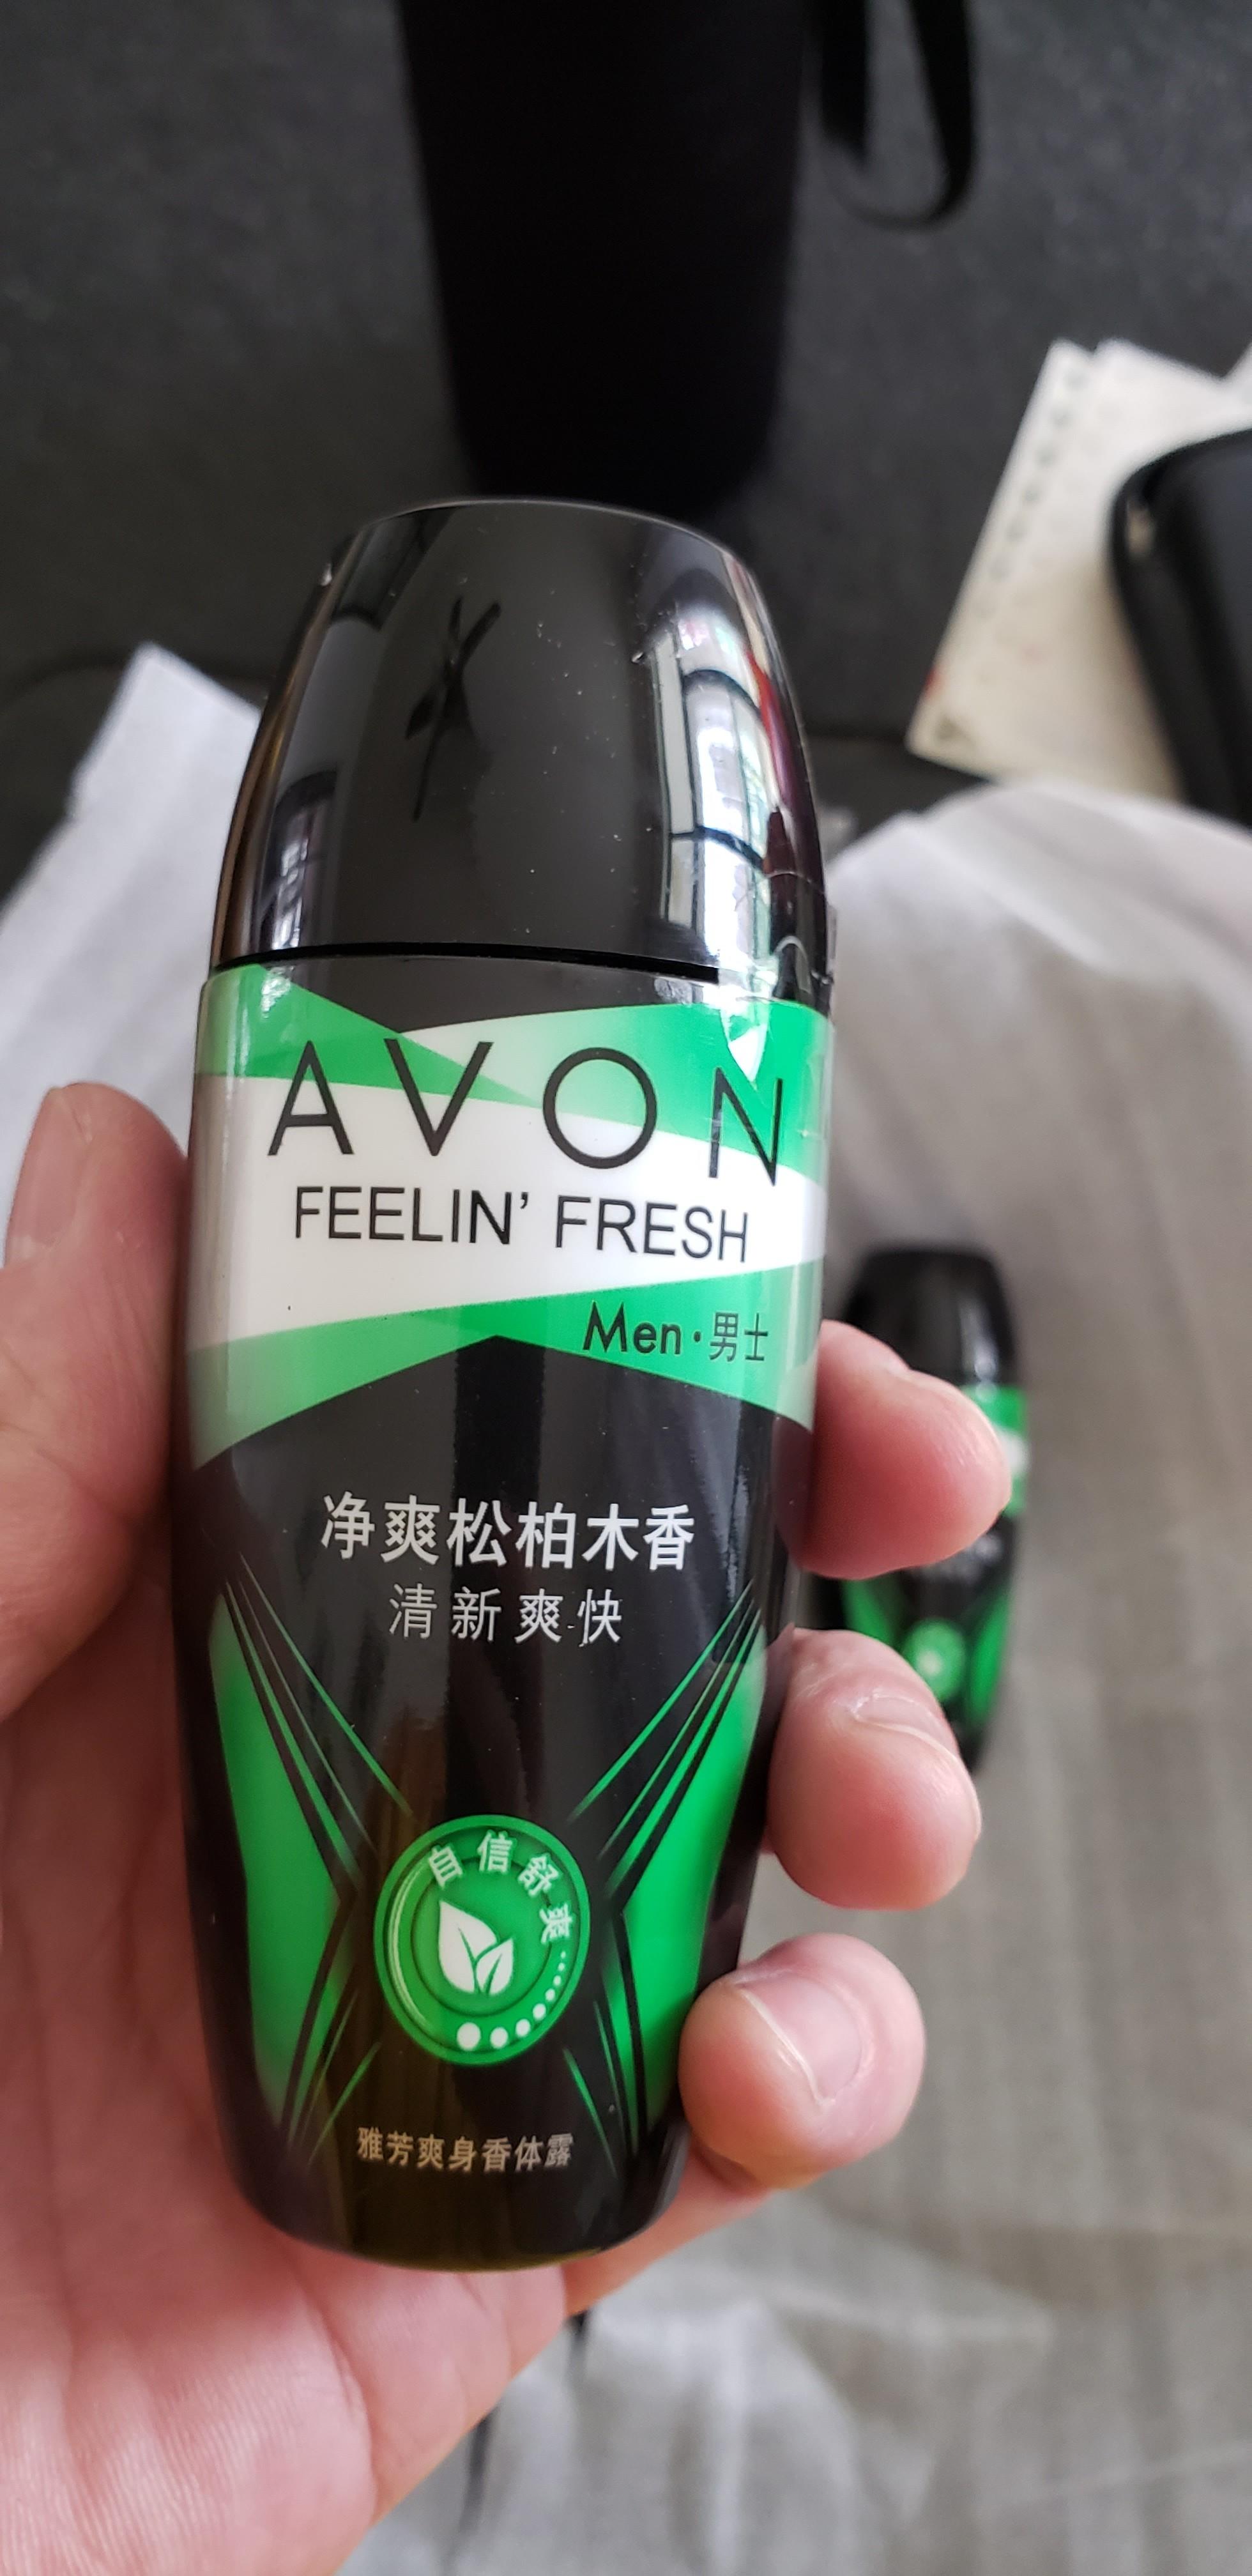 Avon/雅芳爽身走珠香体露40ml